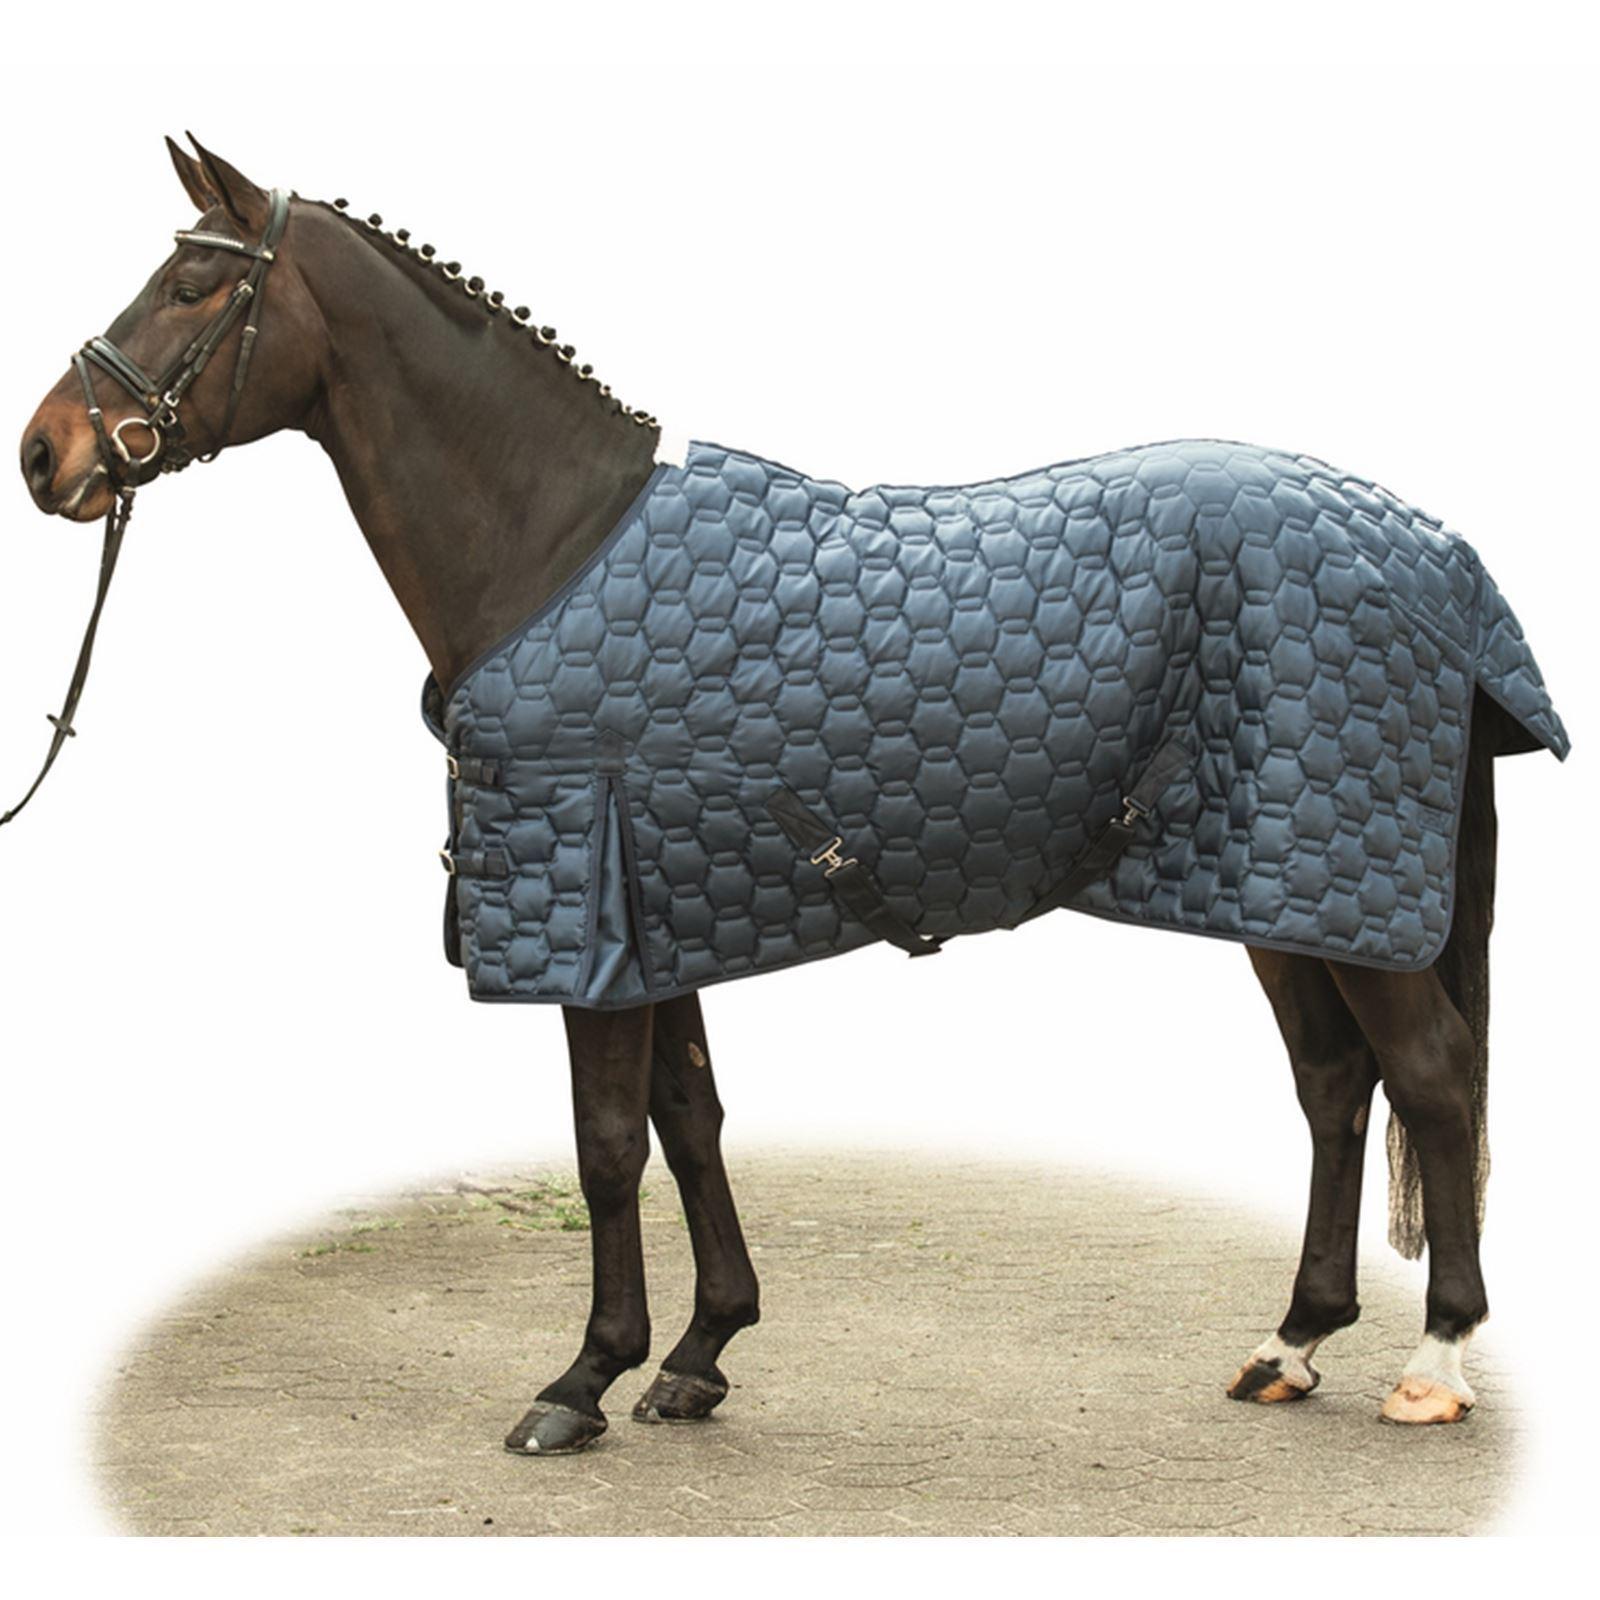 HKM invernali COPERTA 420D poliestere Flexible facile cura cavallo predezione